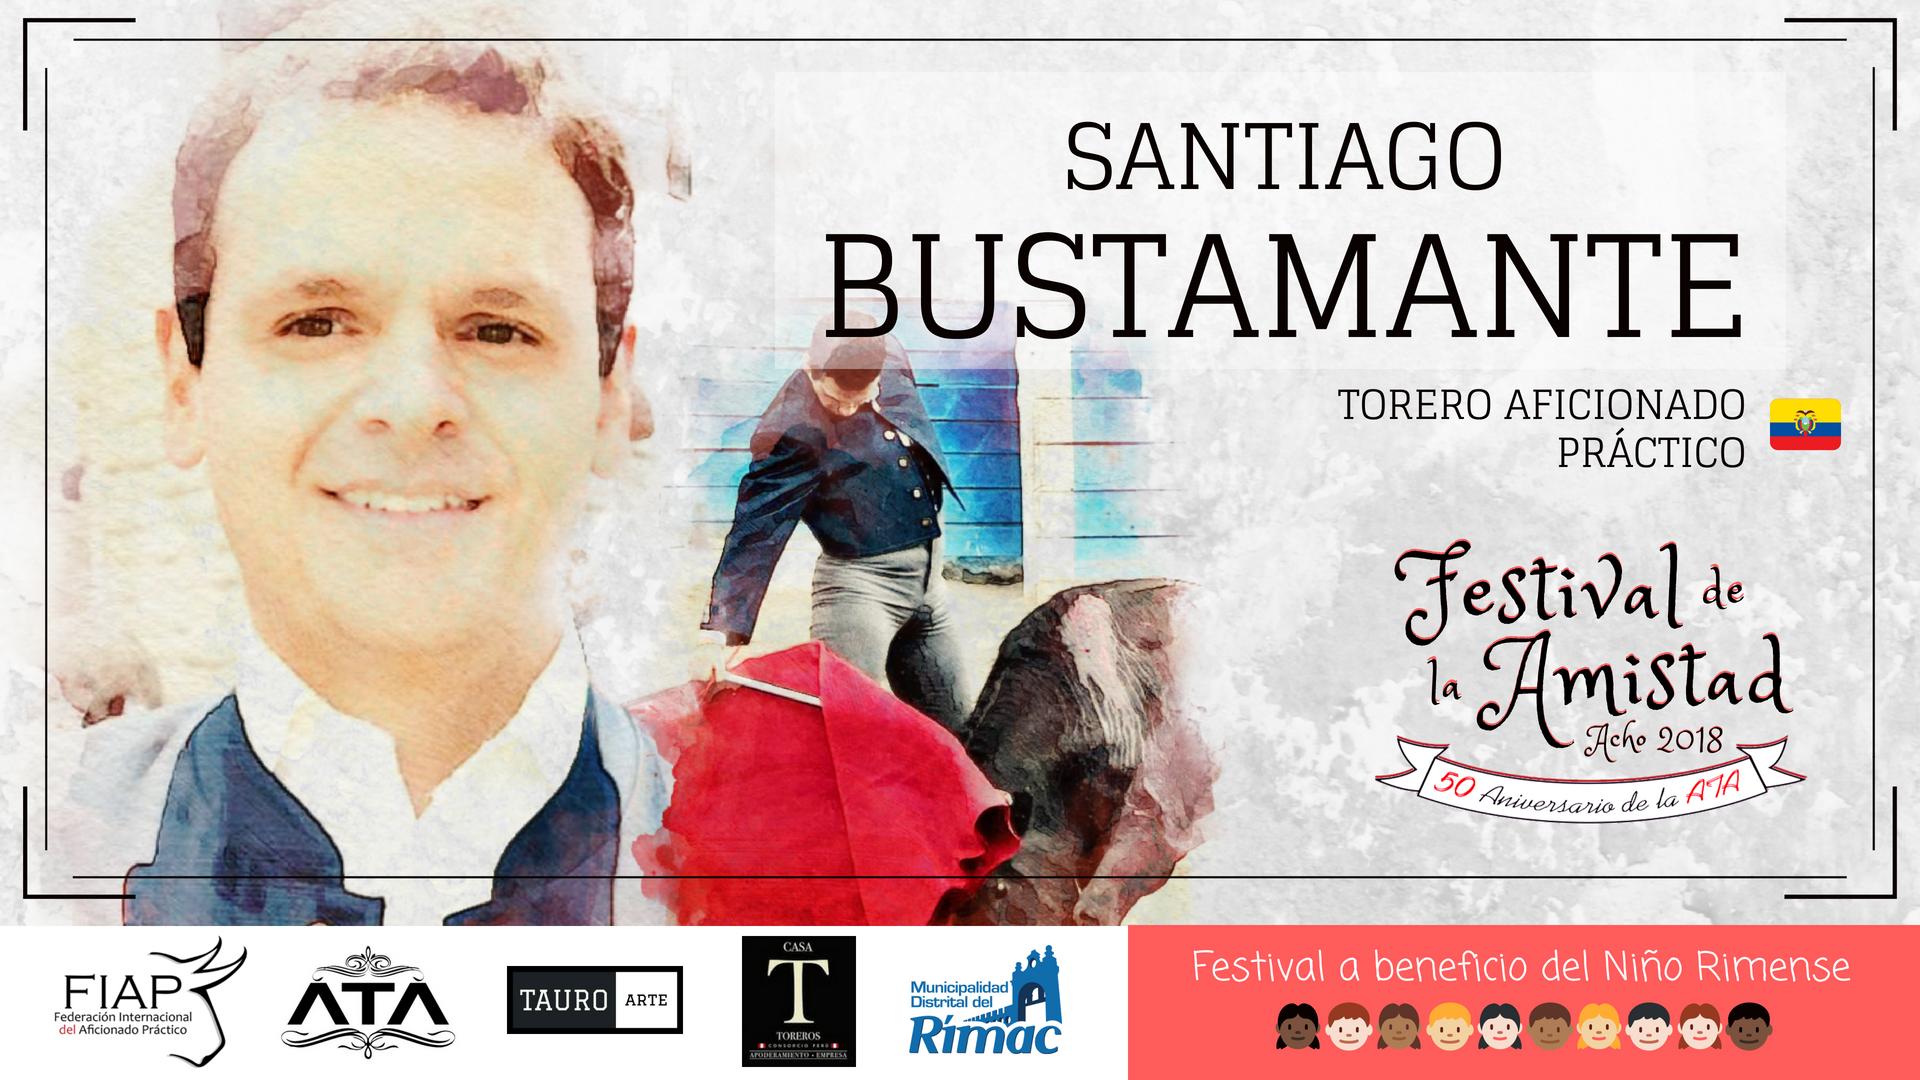 SANTIAGO BUSTAMANTE